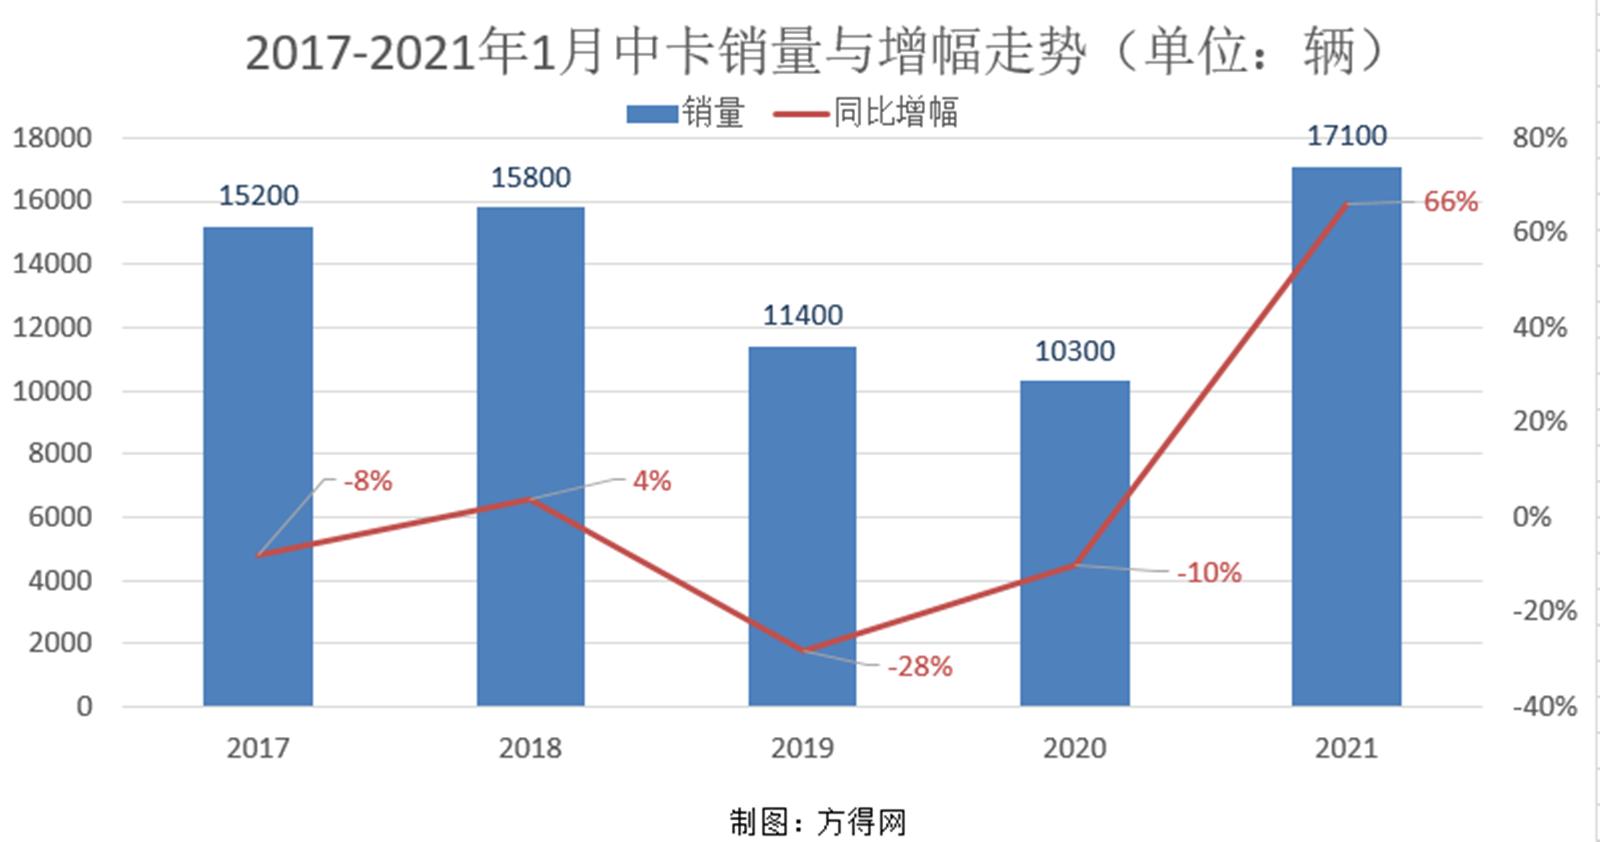 2017-2021年1月中卡走势